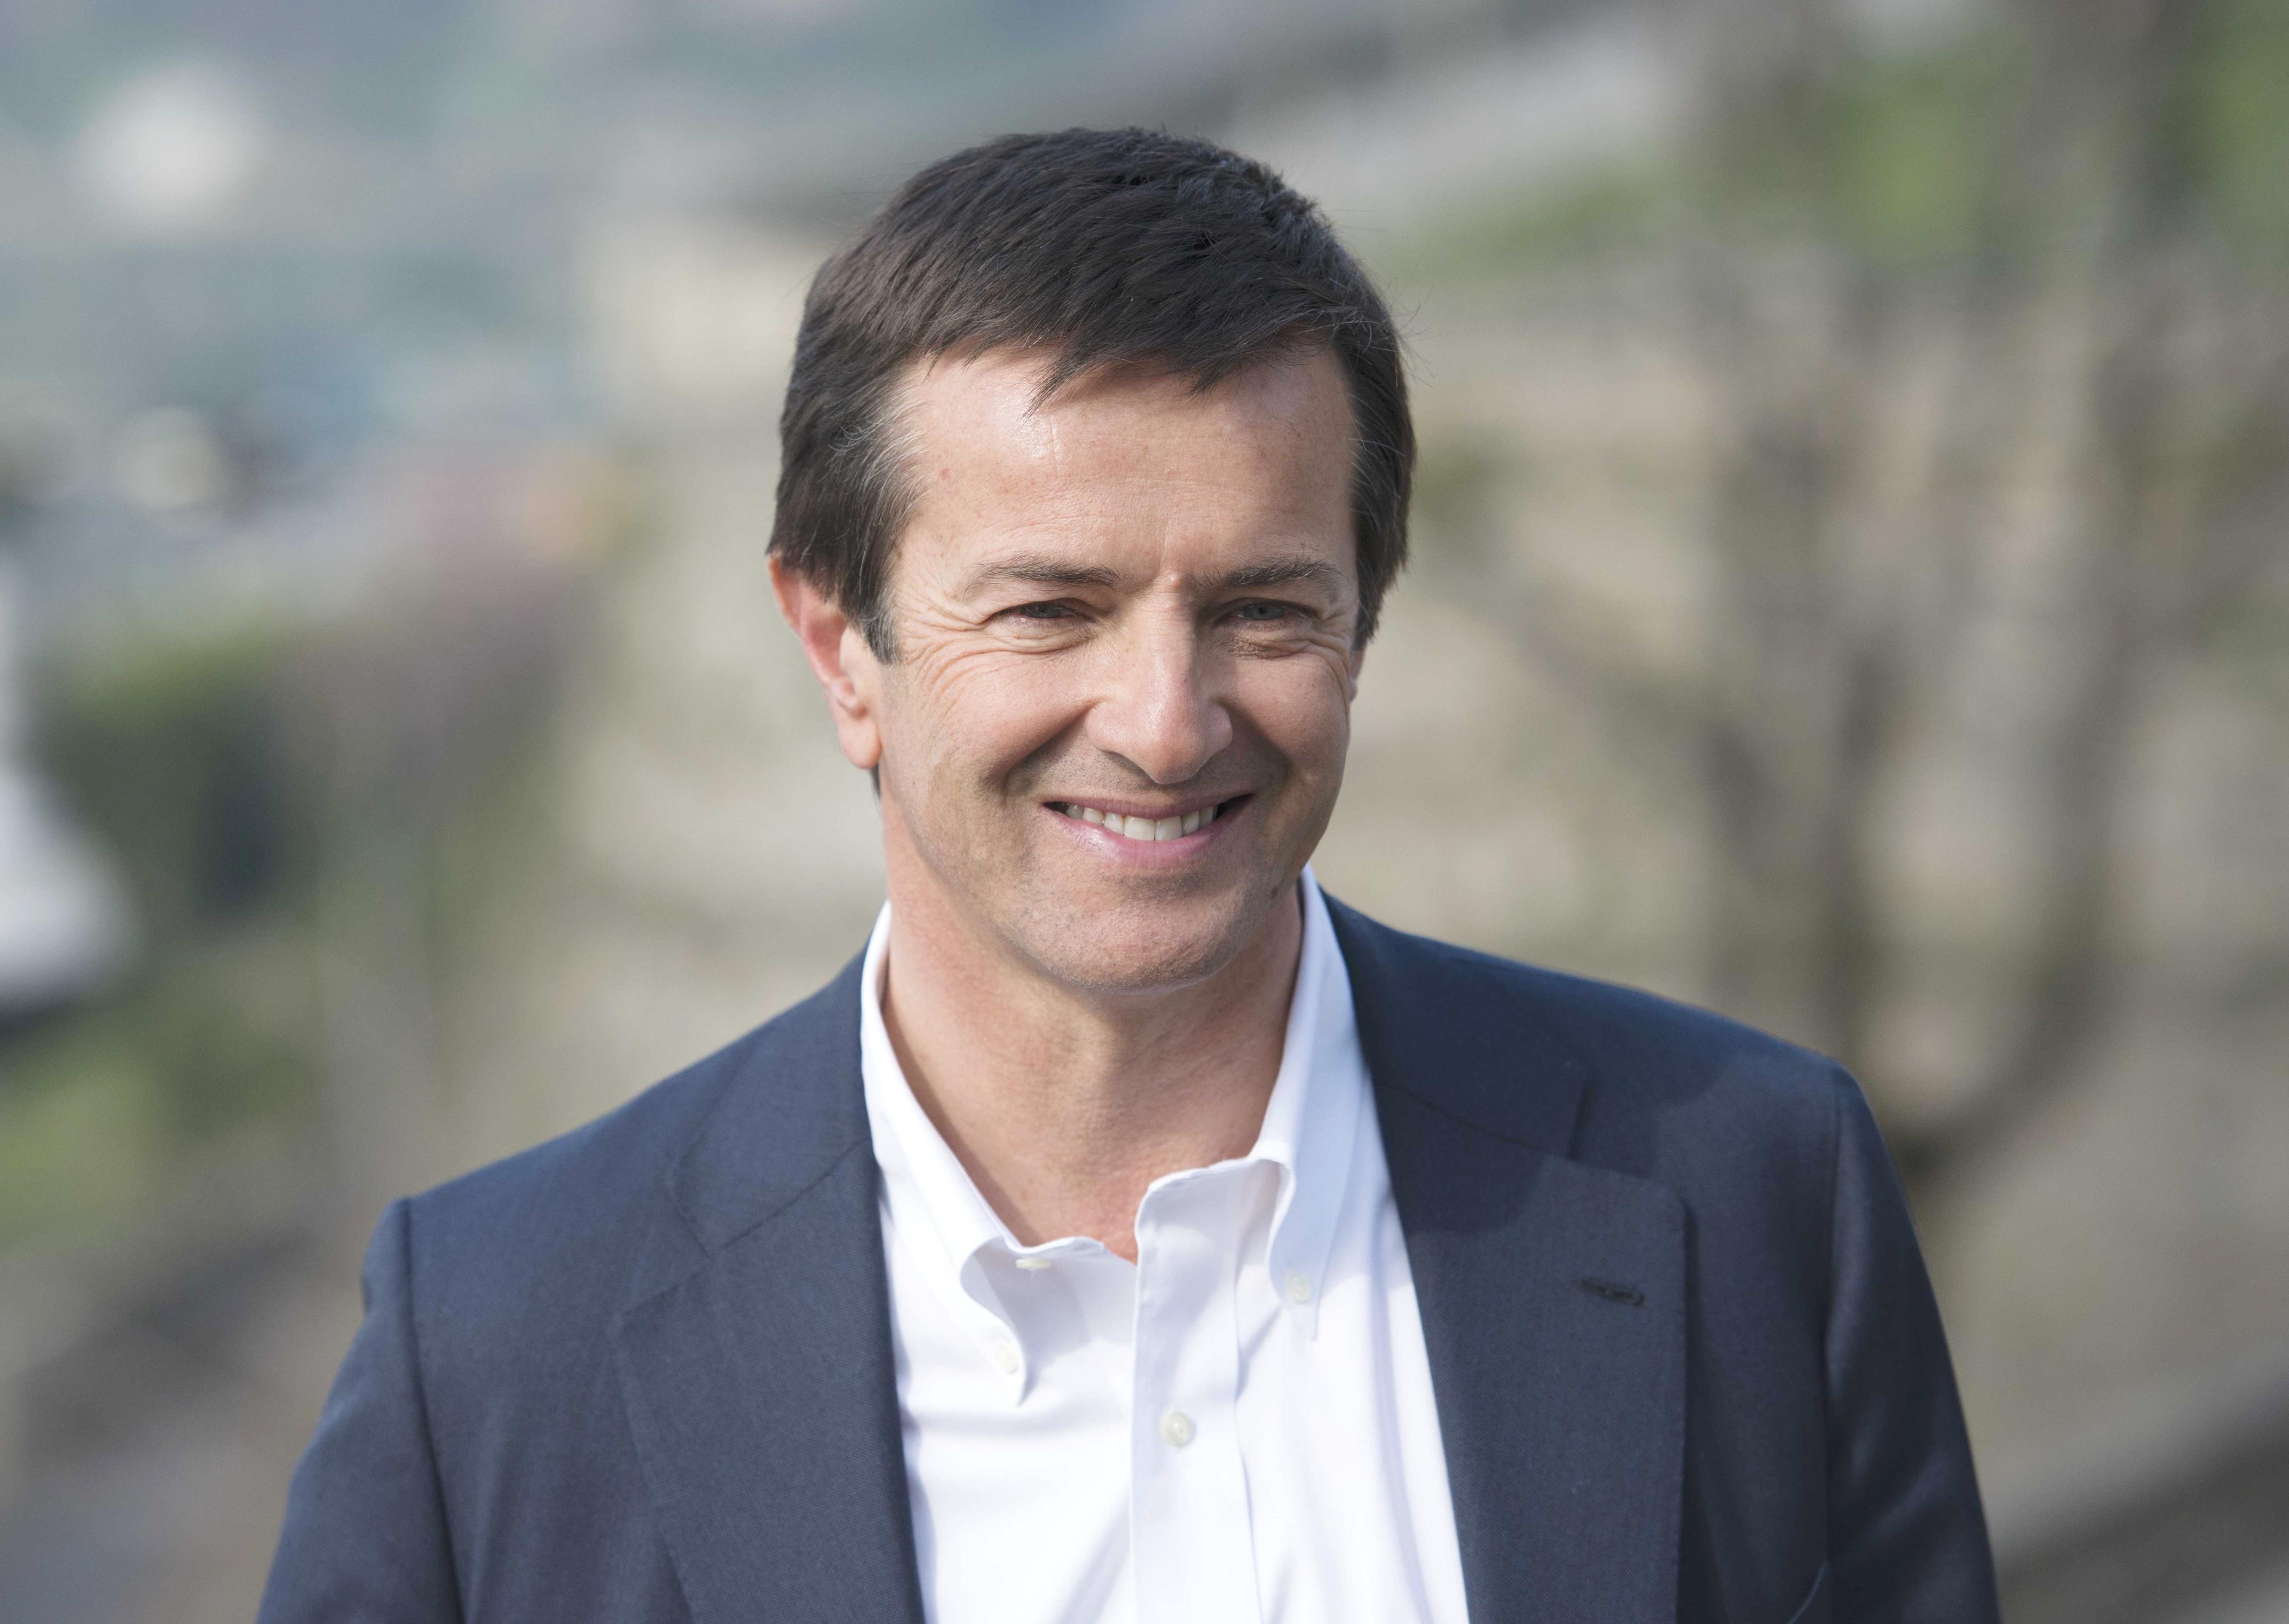 Gori Giorgio